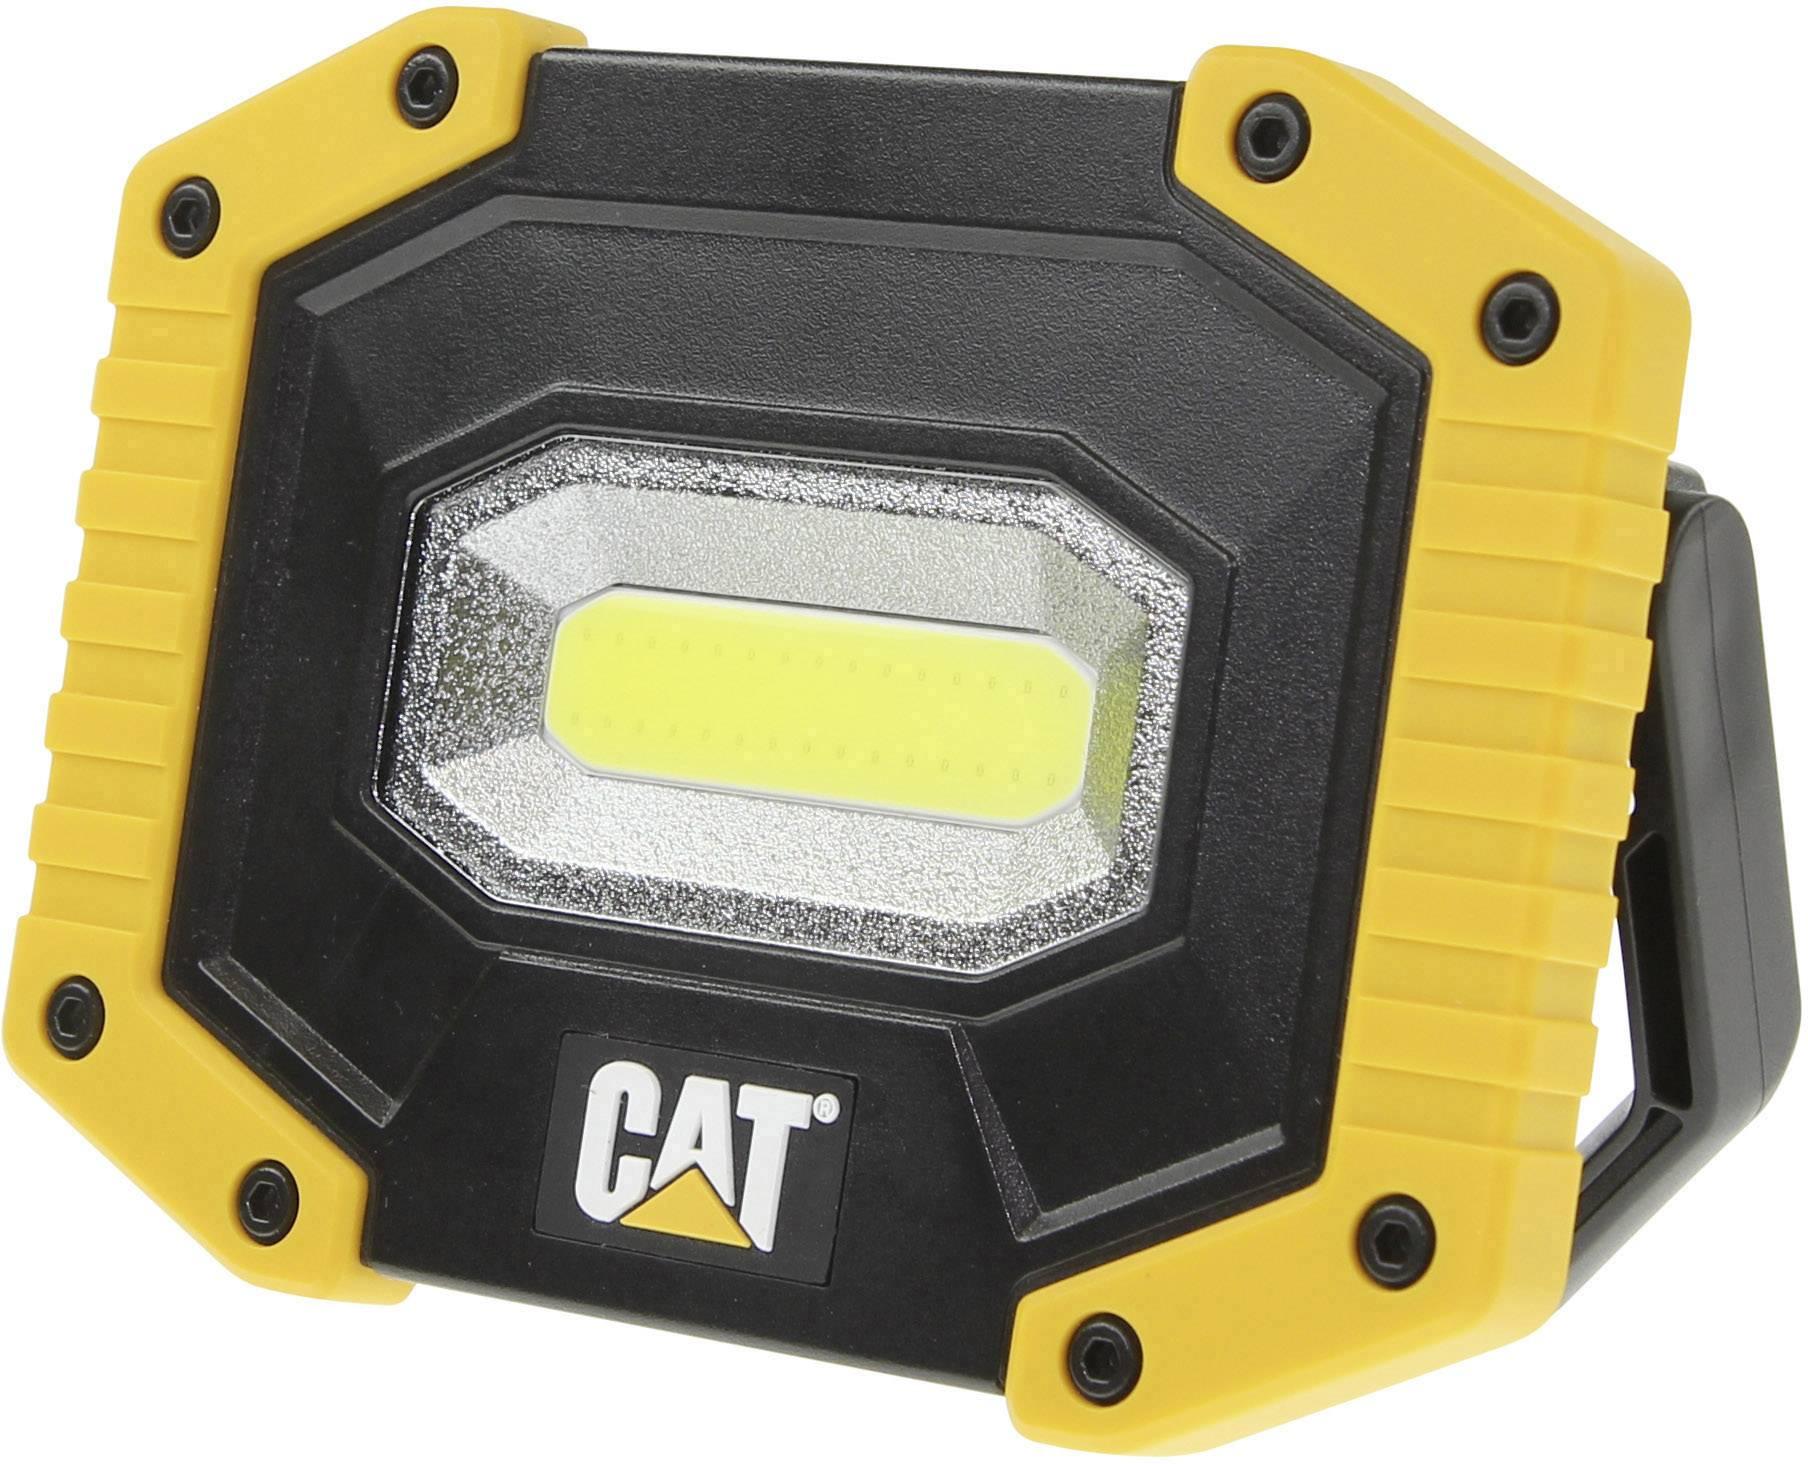 Lampada da lavoro a batteria CAT CT